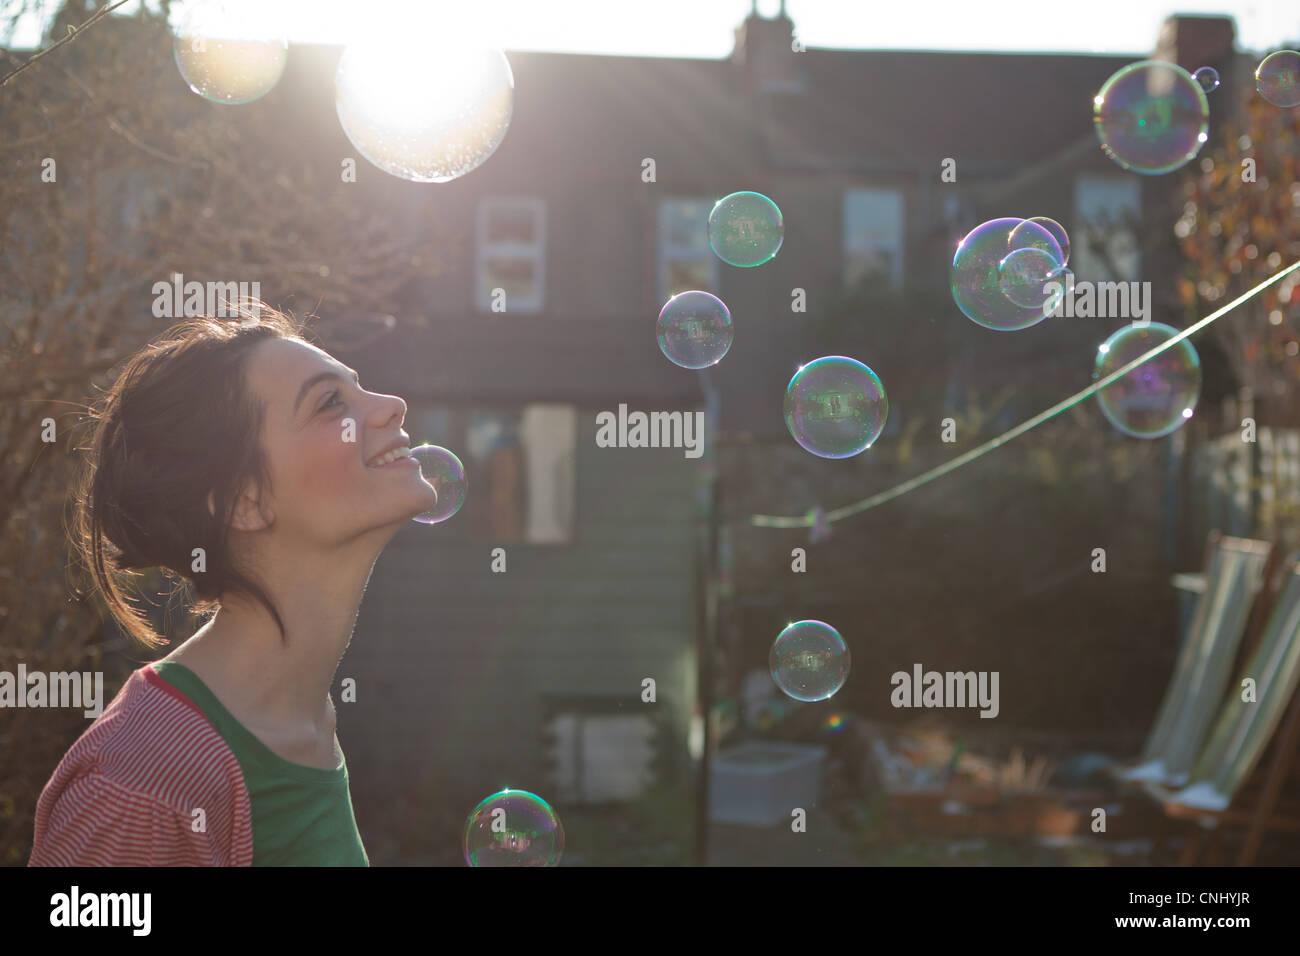 Junge Frau im Freien mit Luftblasen in der Luft schweben Stockbild